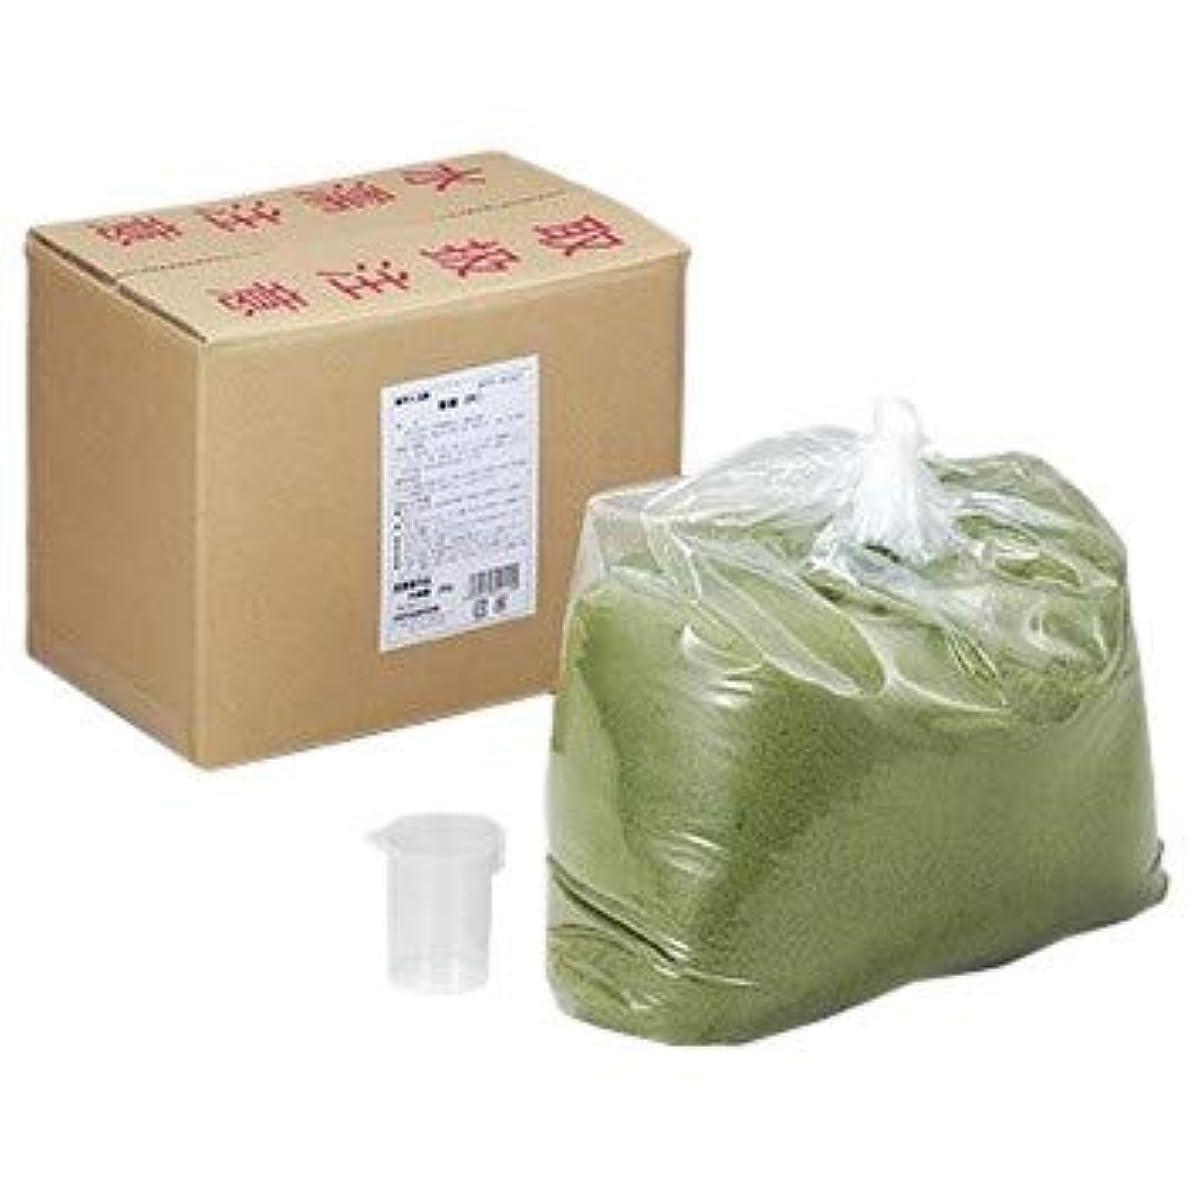 不利弱めるまさに新緑 業務用 20kg 入浴剤 医薬部外品